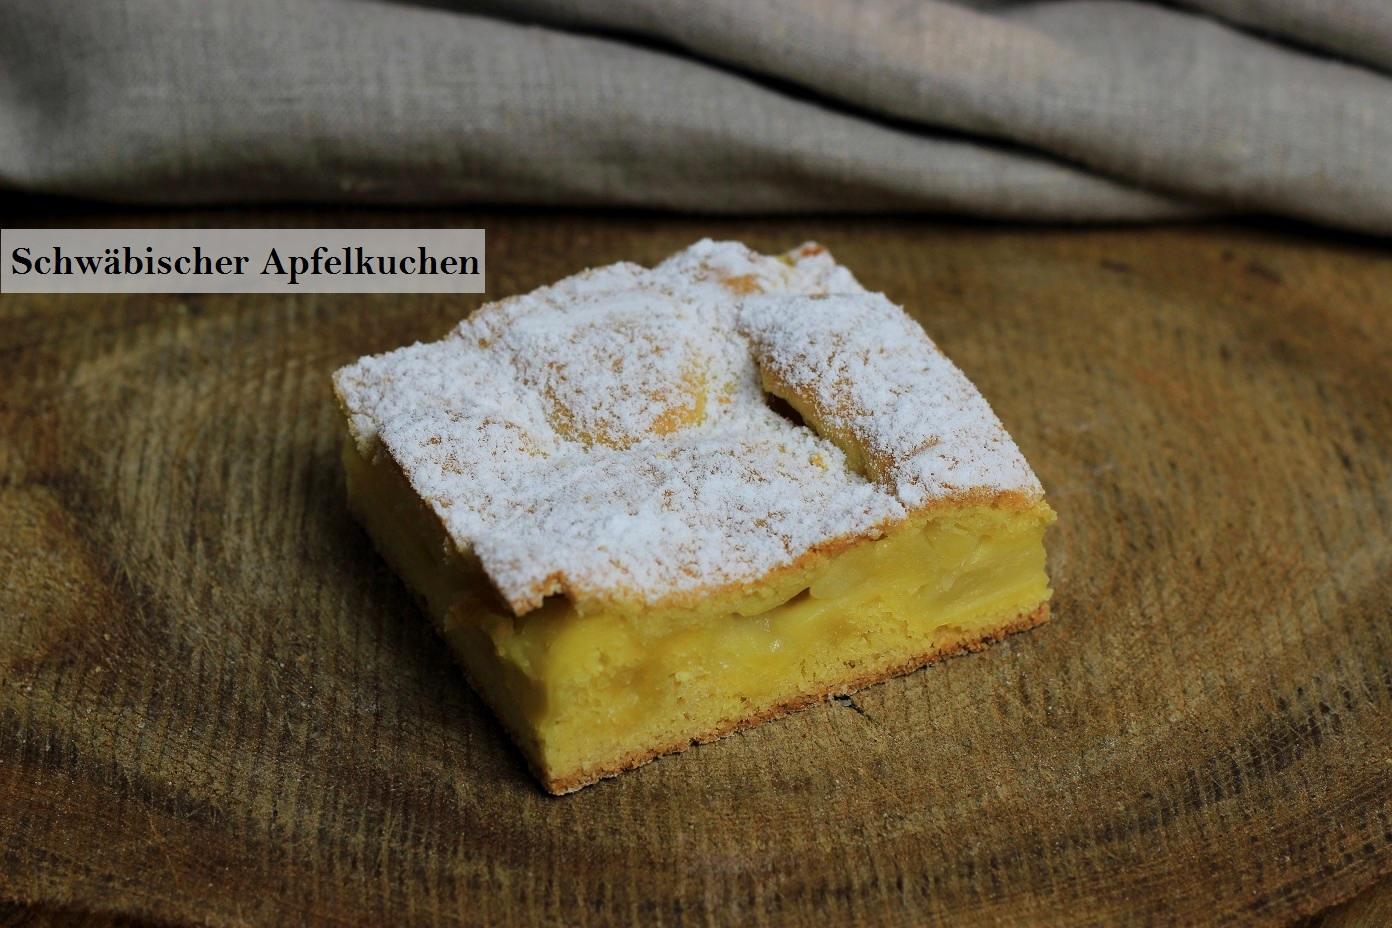 Schwäbischer Apfelkuchen beschriftet